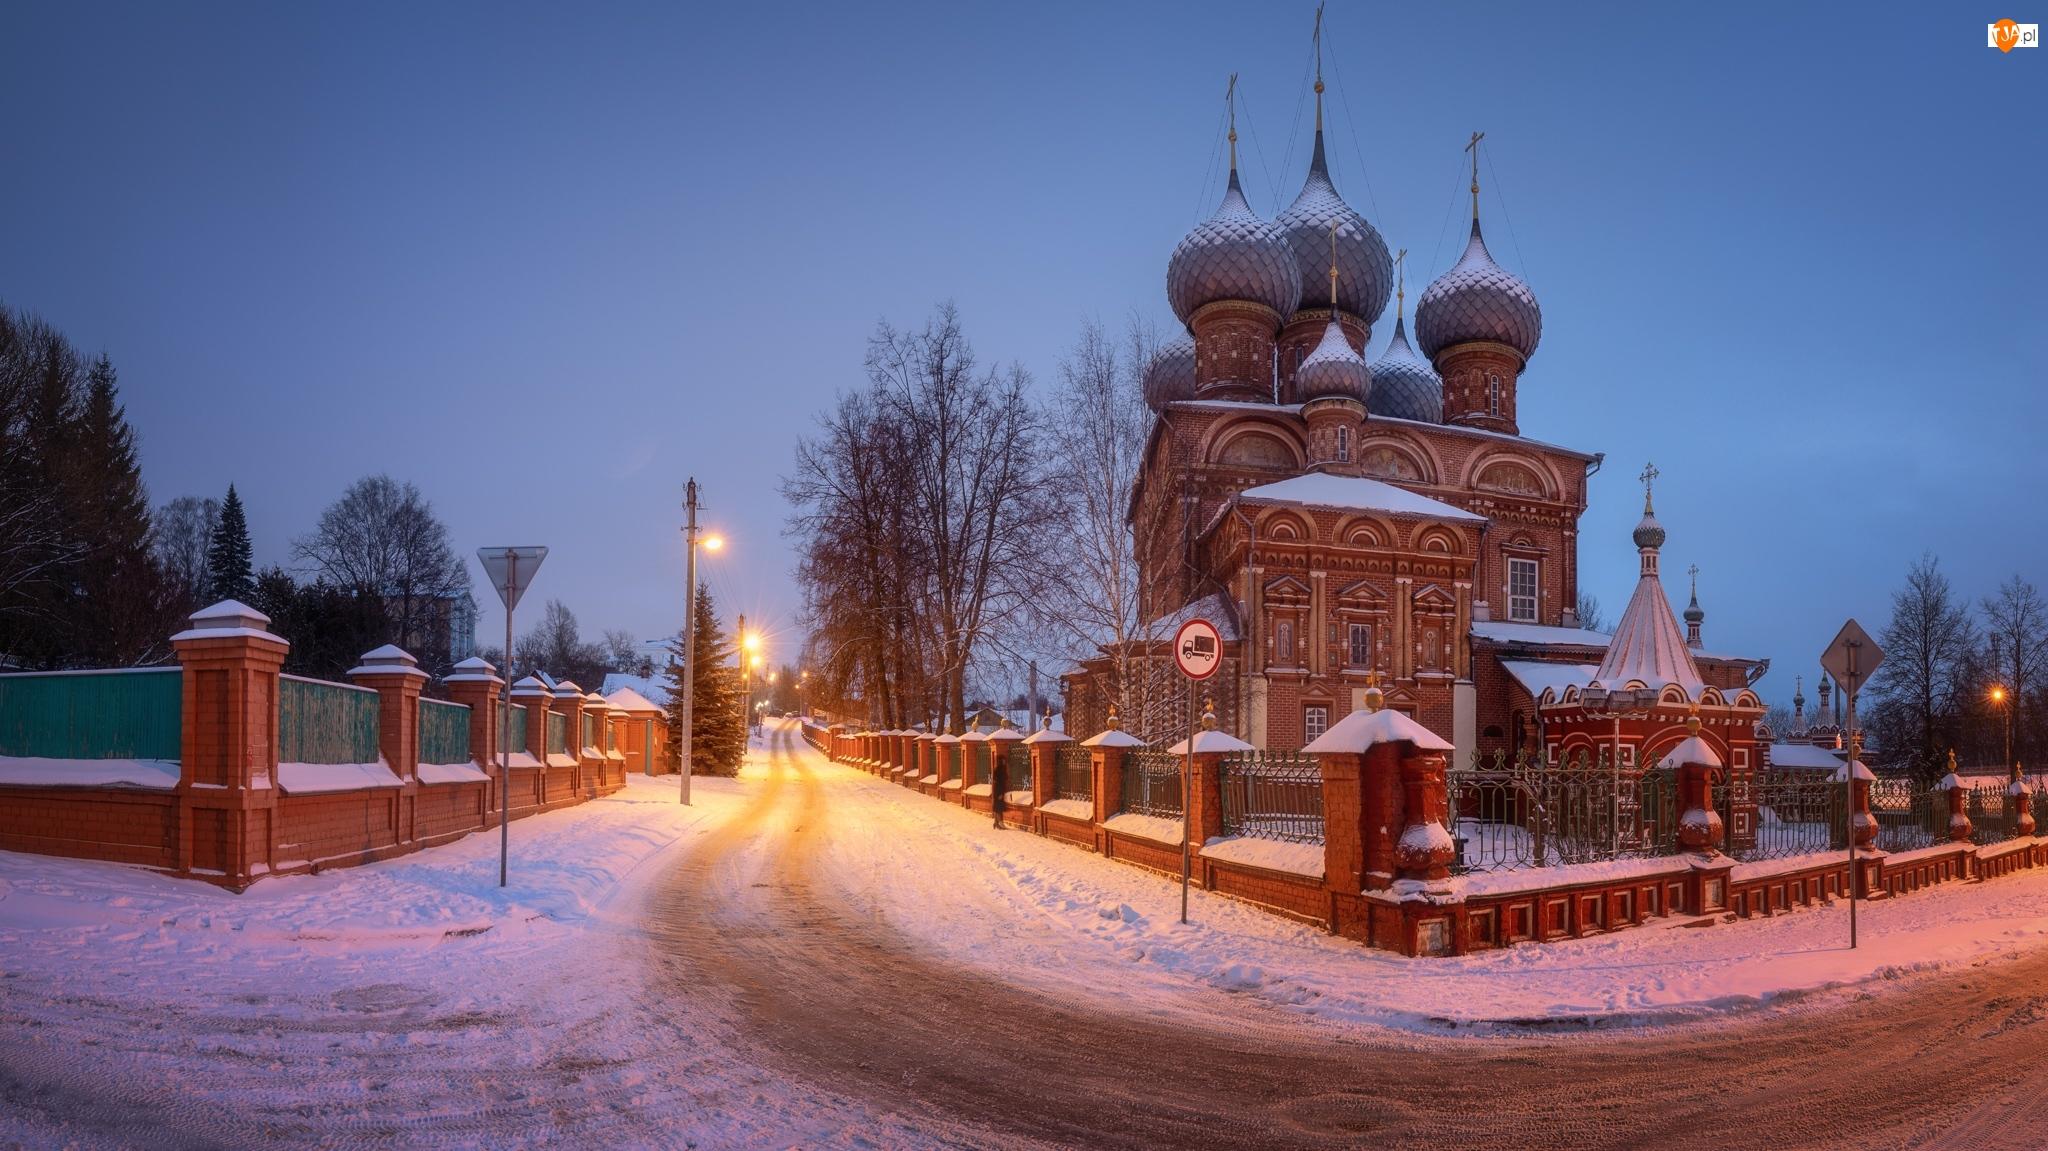 Rosja, Latarnie, Miejscowość, Ogrodzenie, Zmartwychwstania Pańskiego, Cerkiew, Śnieg, Zima, Droga, Kostroma